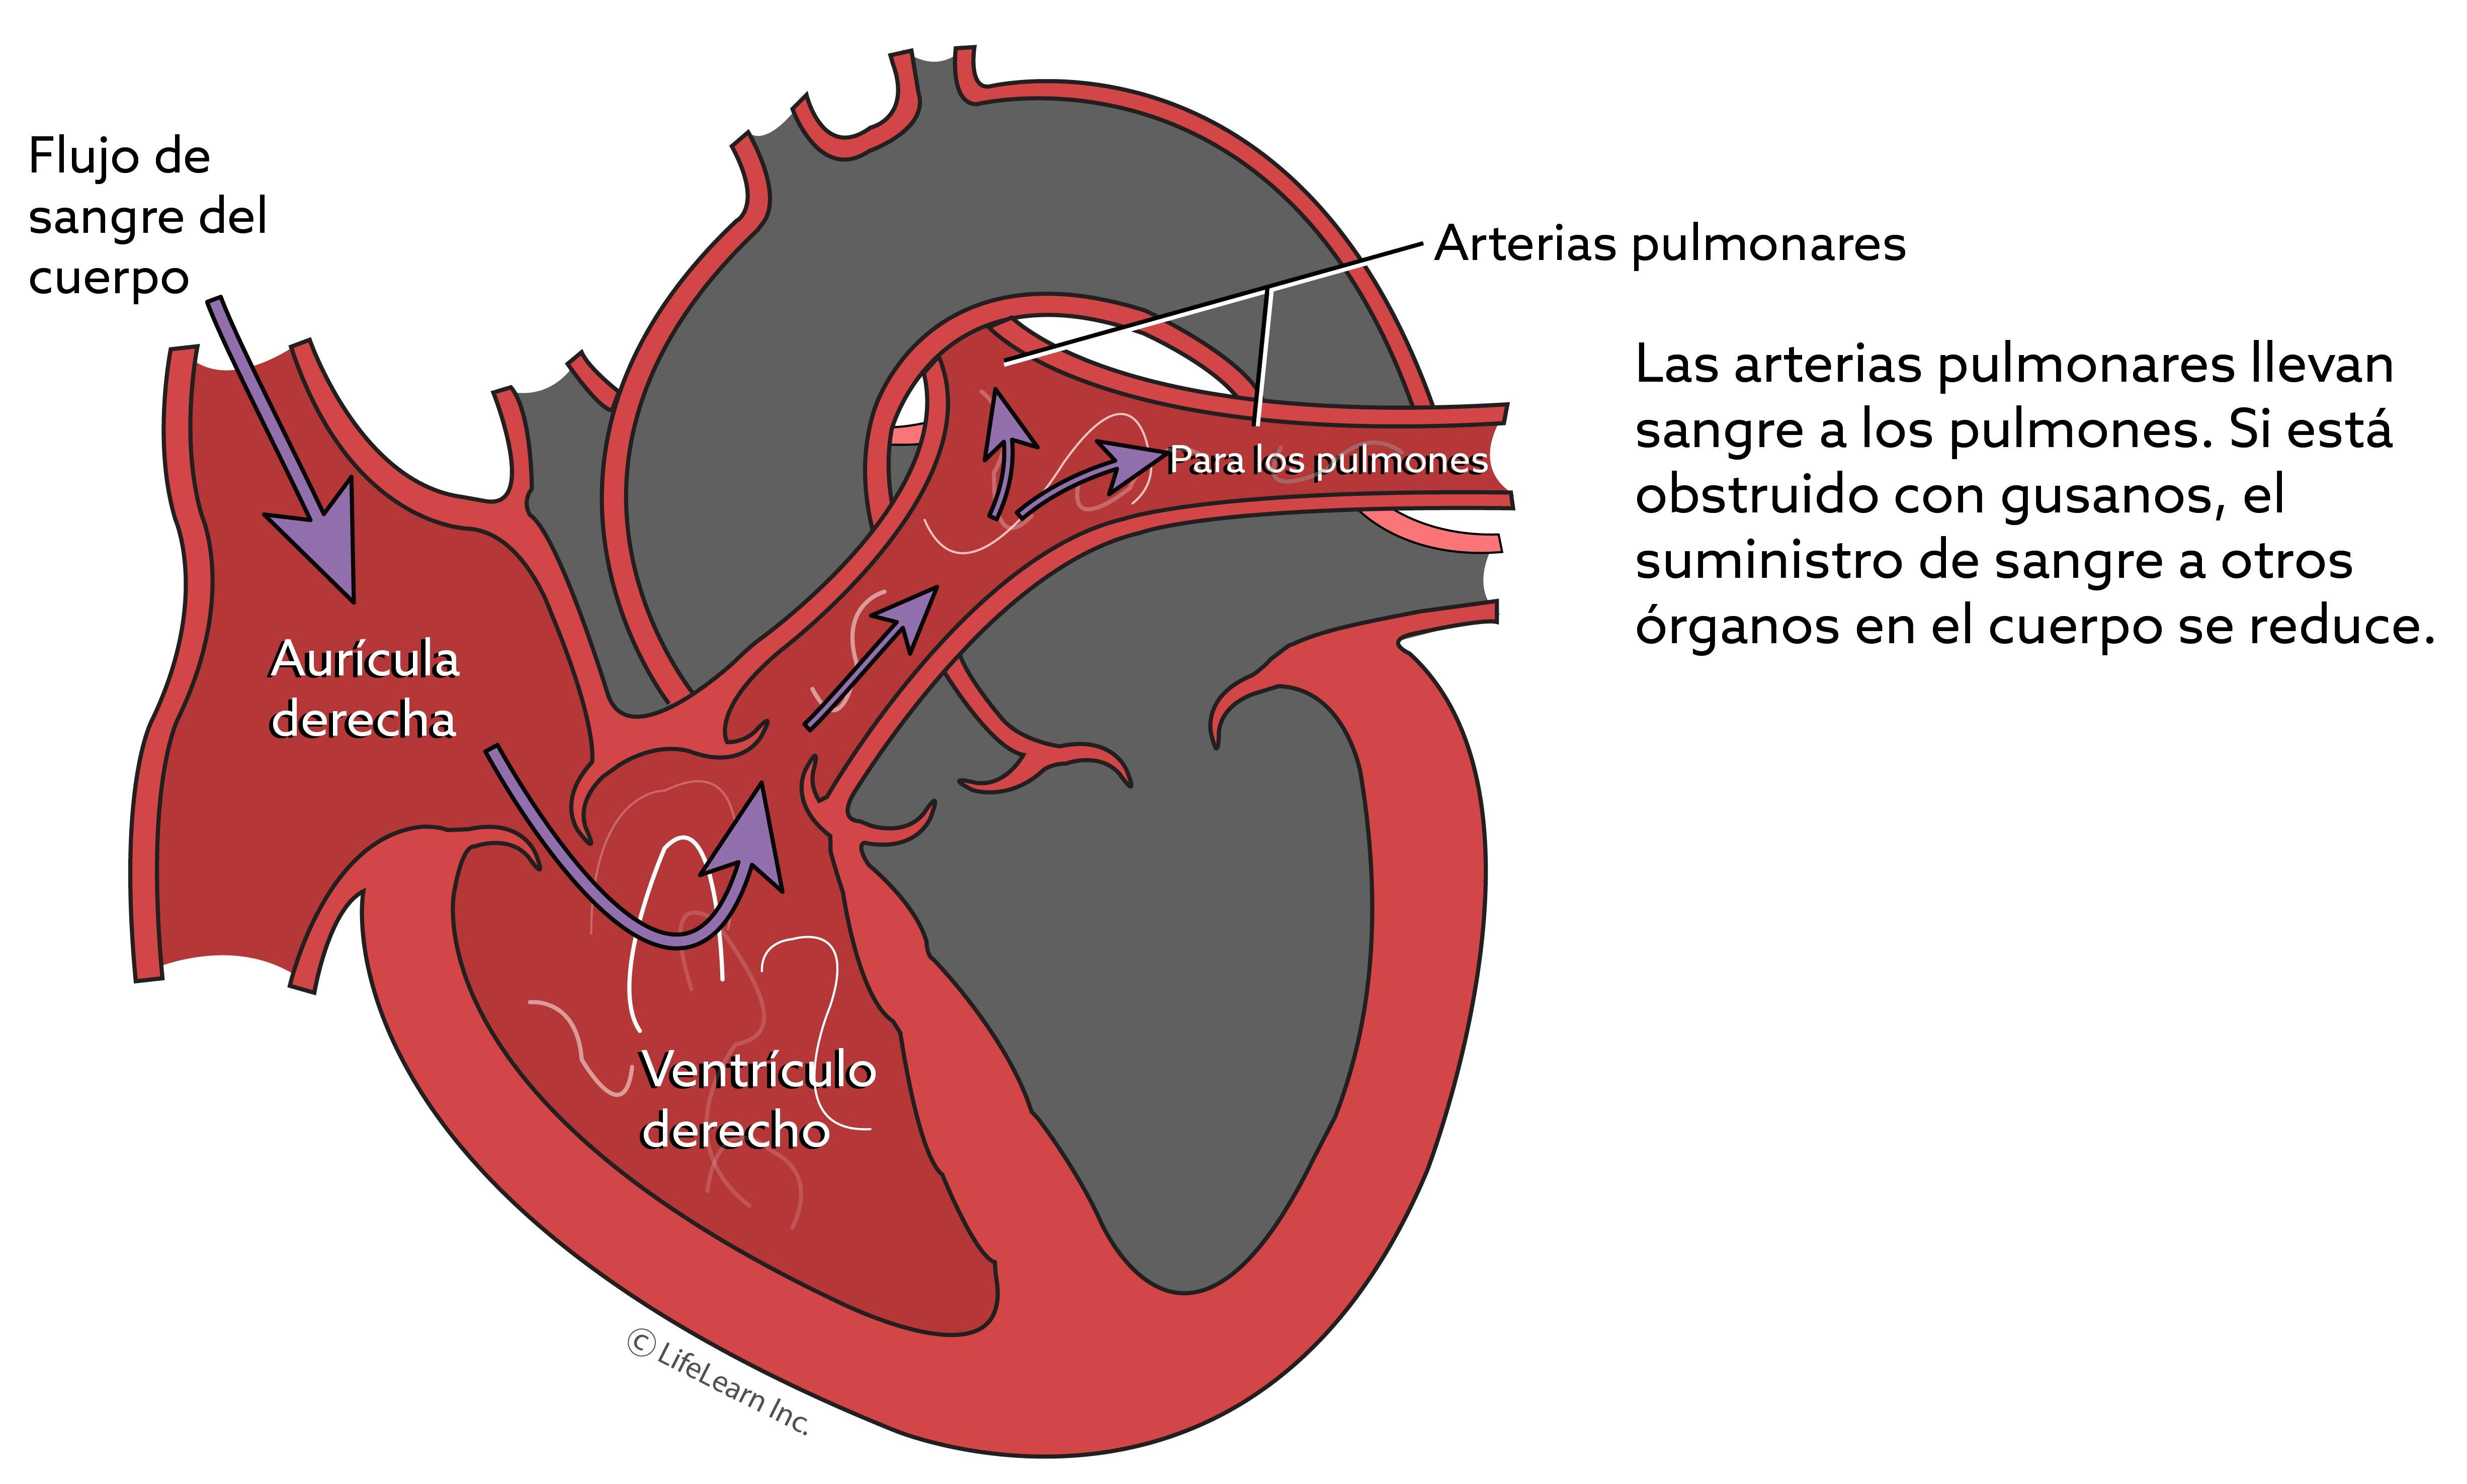 corazon-_enfermedad_de_los_gusanos_del_corazon